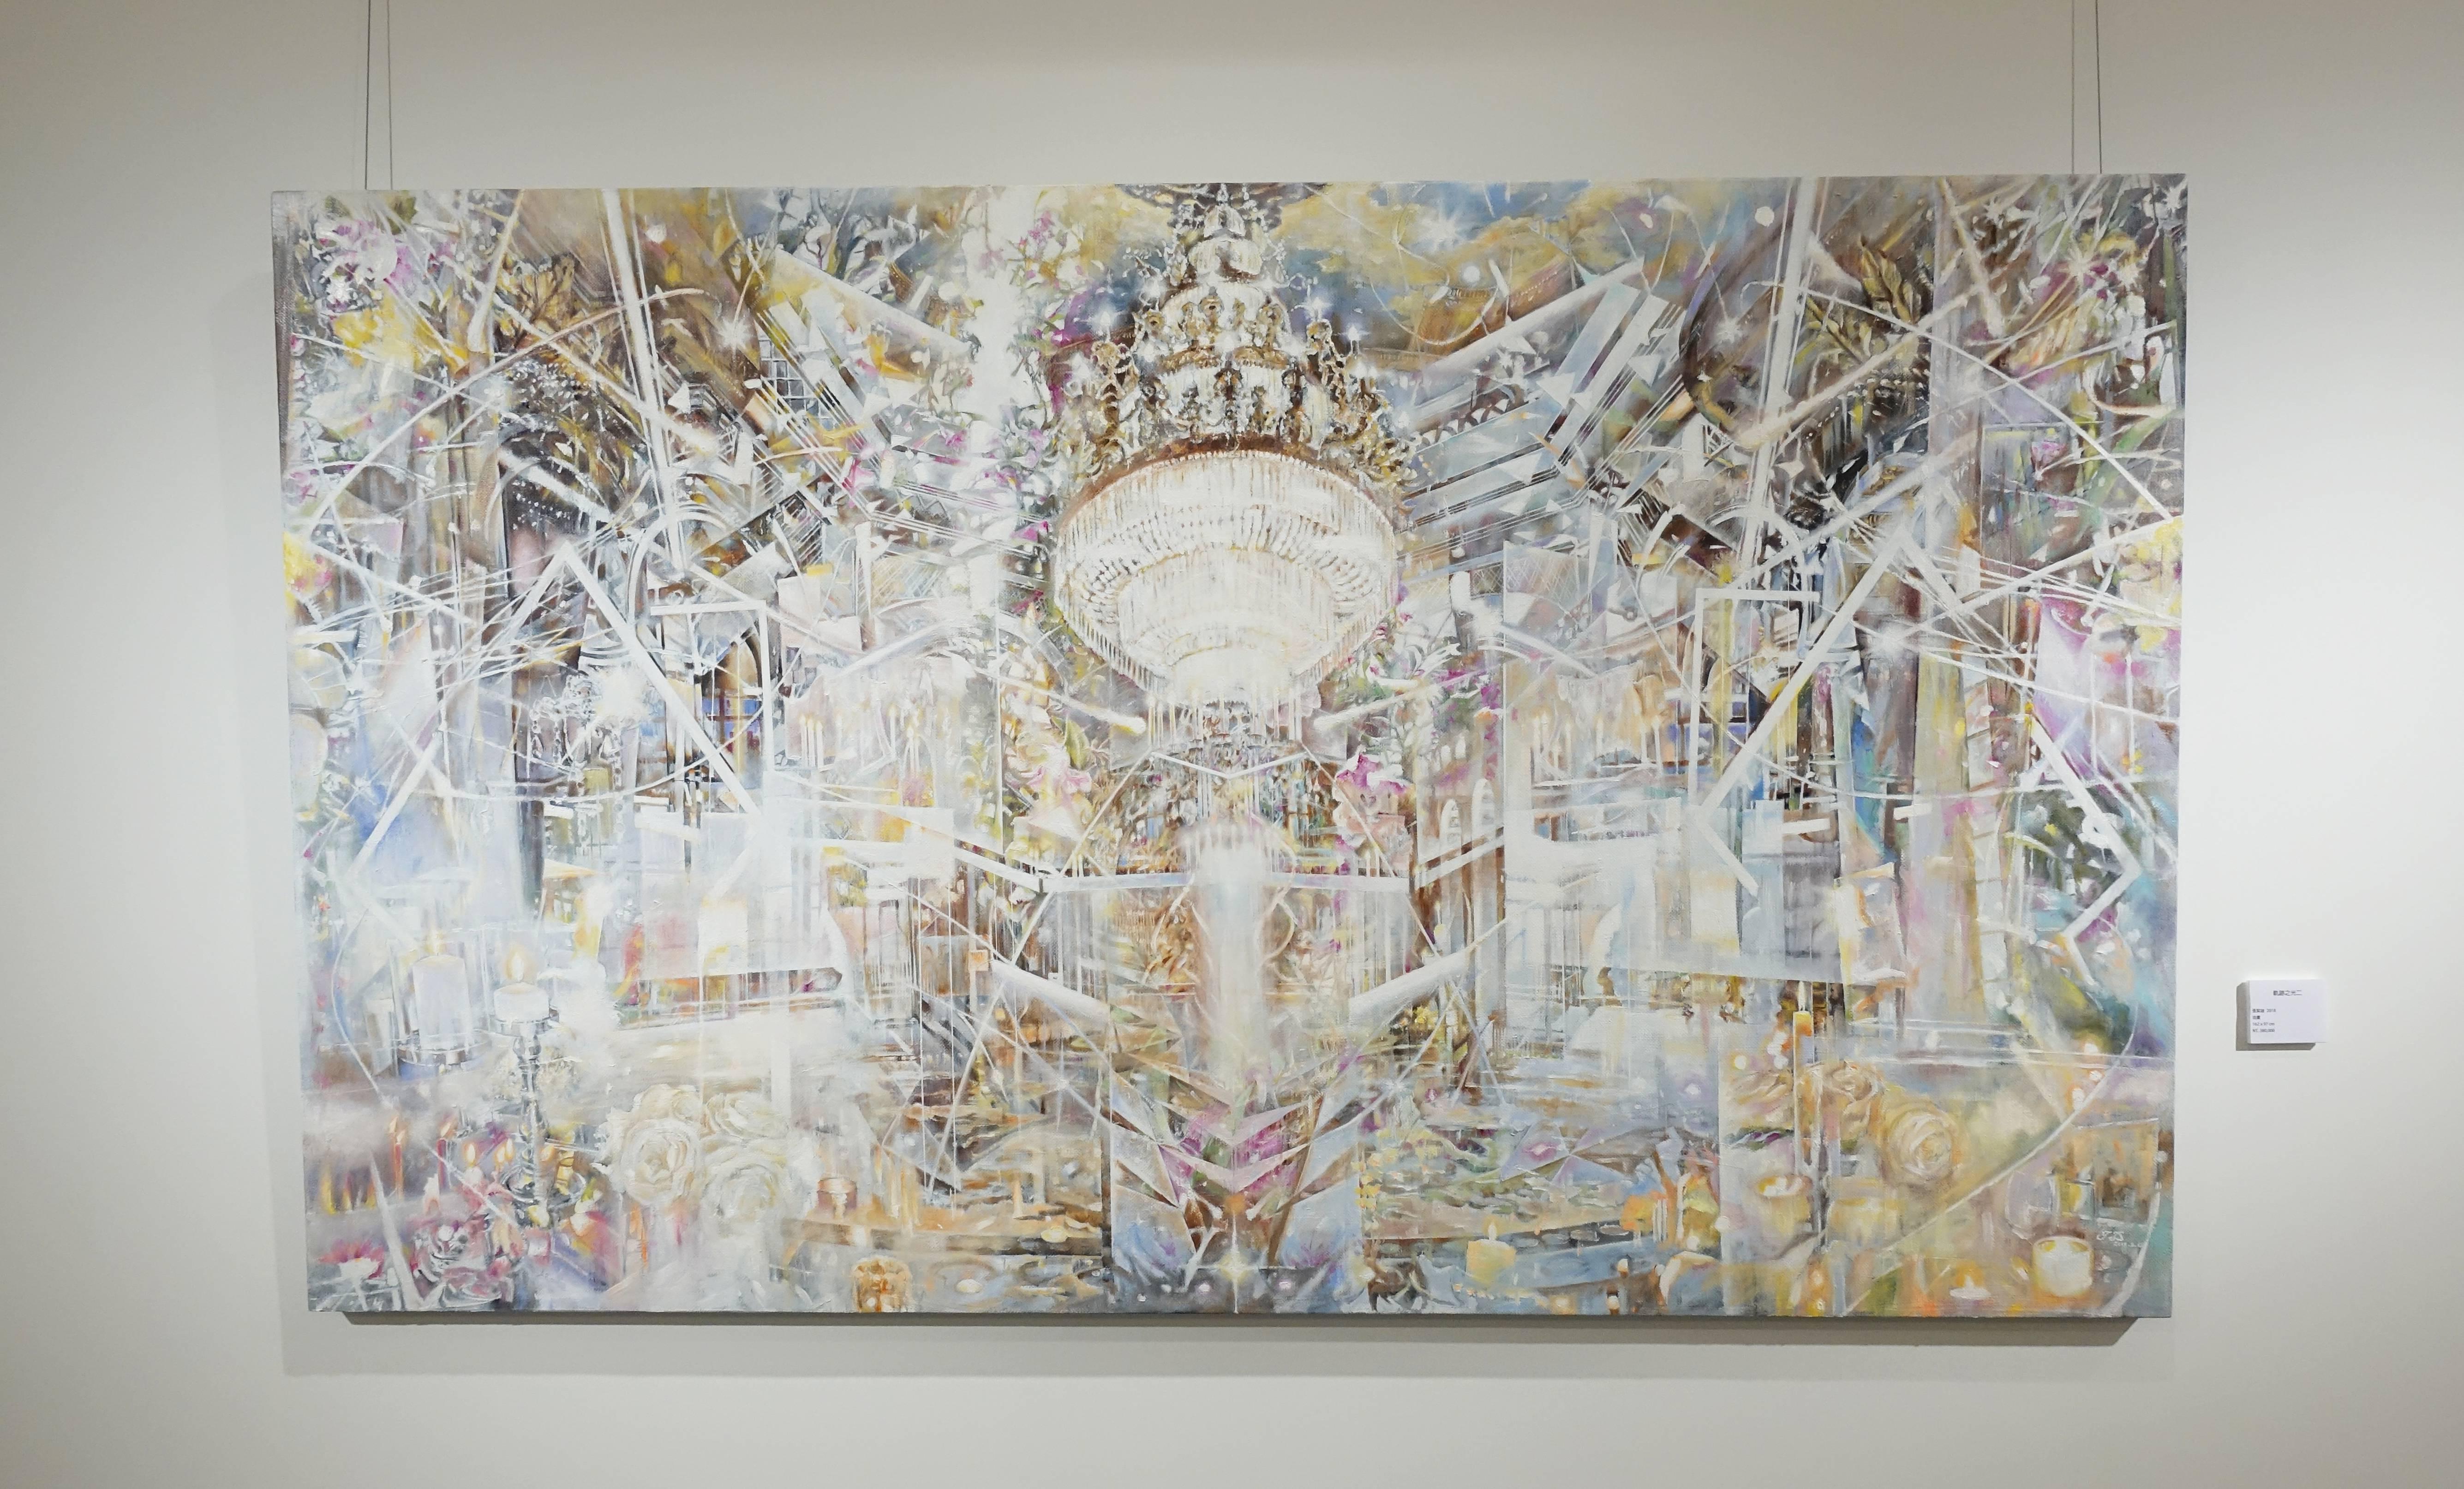 張絜廸,《軌跡之光二》,油畫,2018。